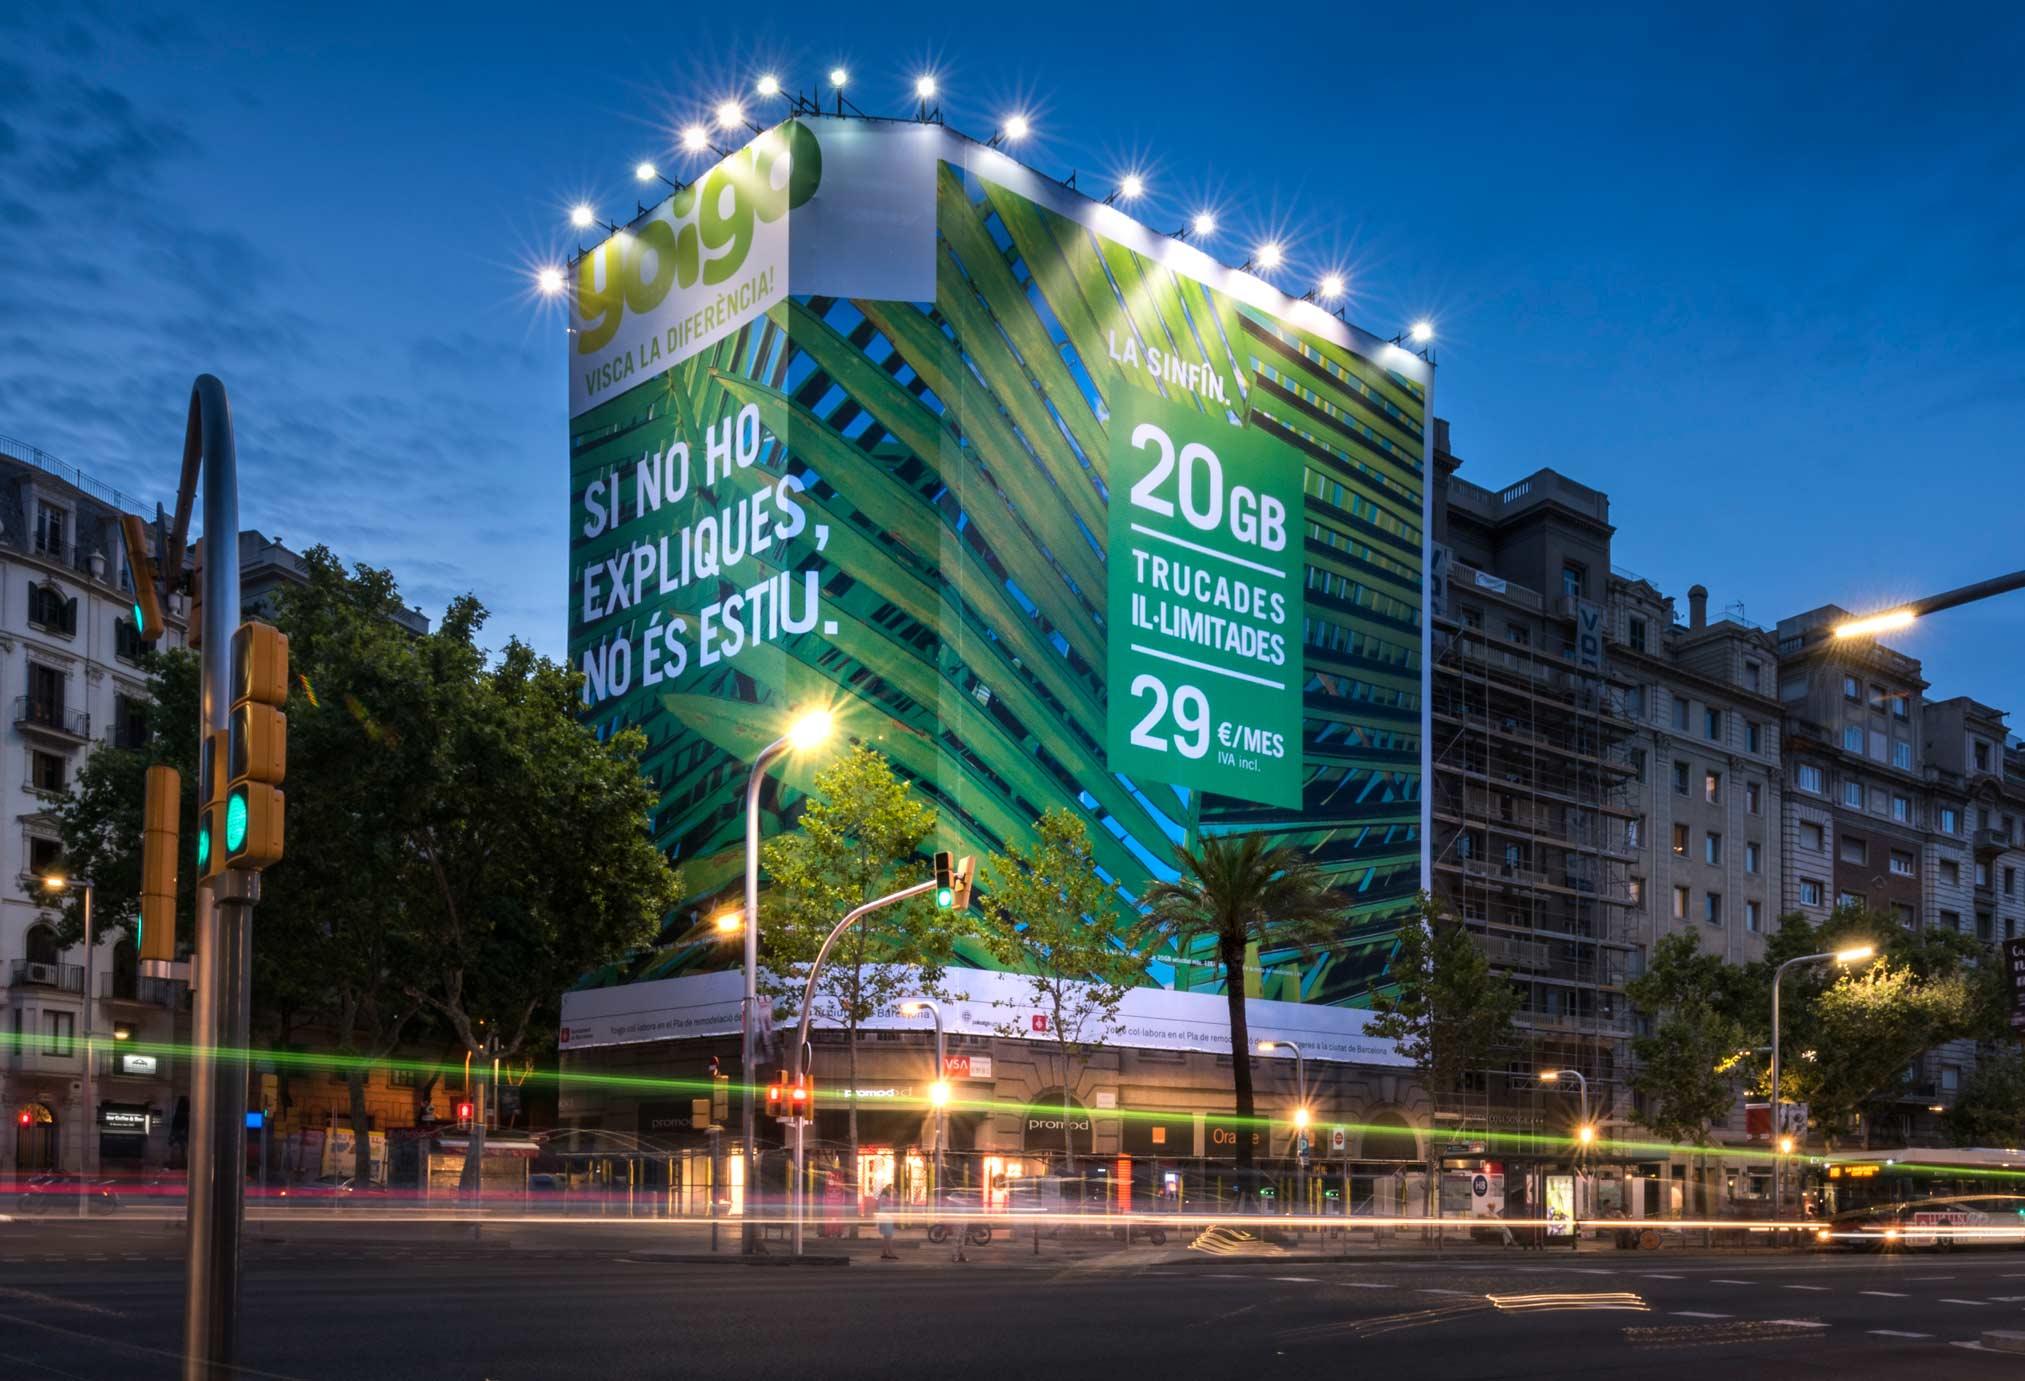 lona-publicitaria-barcelona-avenida-diagonal-598-yoigo-noche-vsa-comunicacion